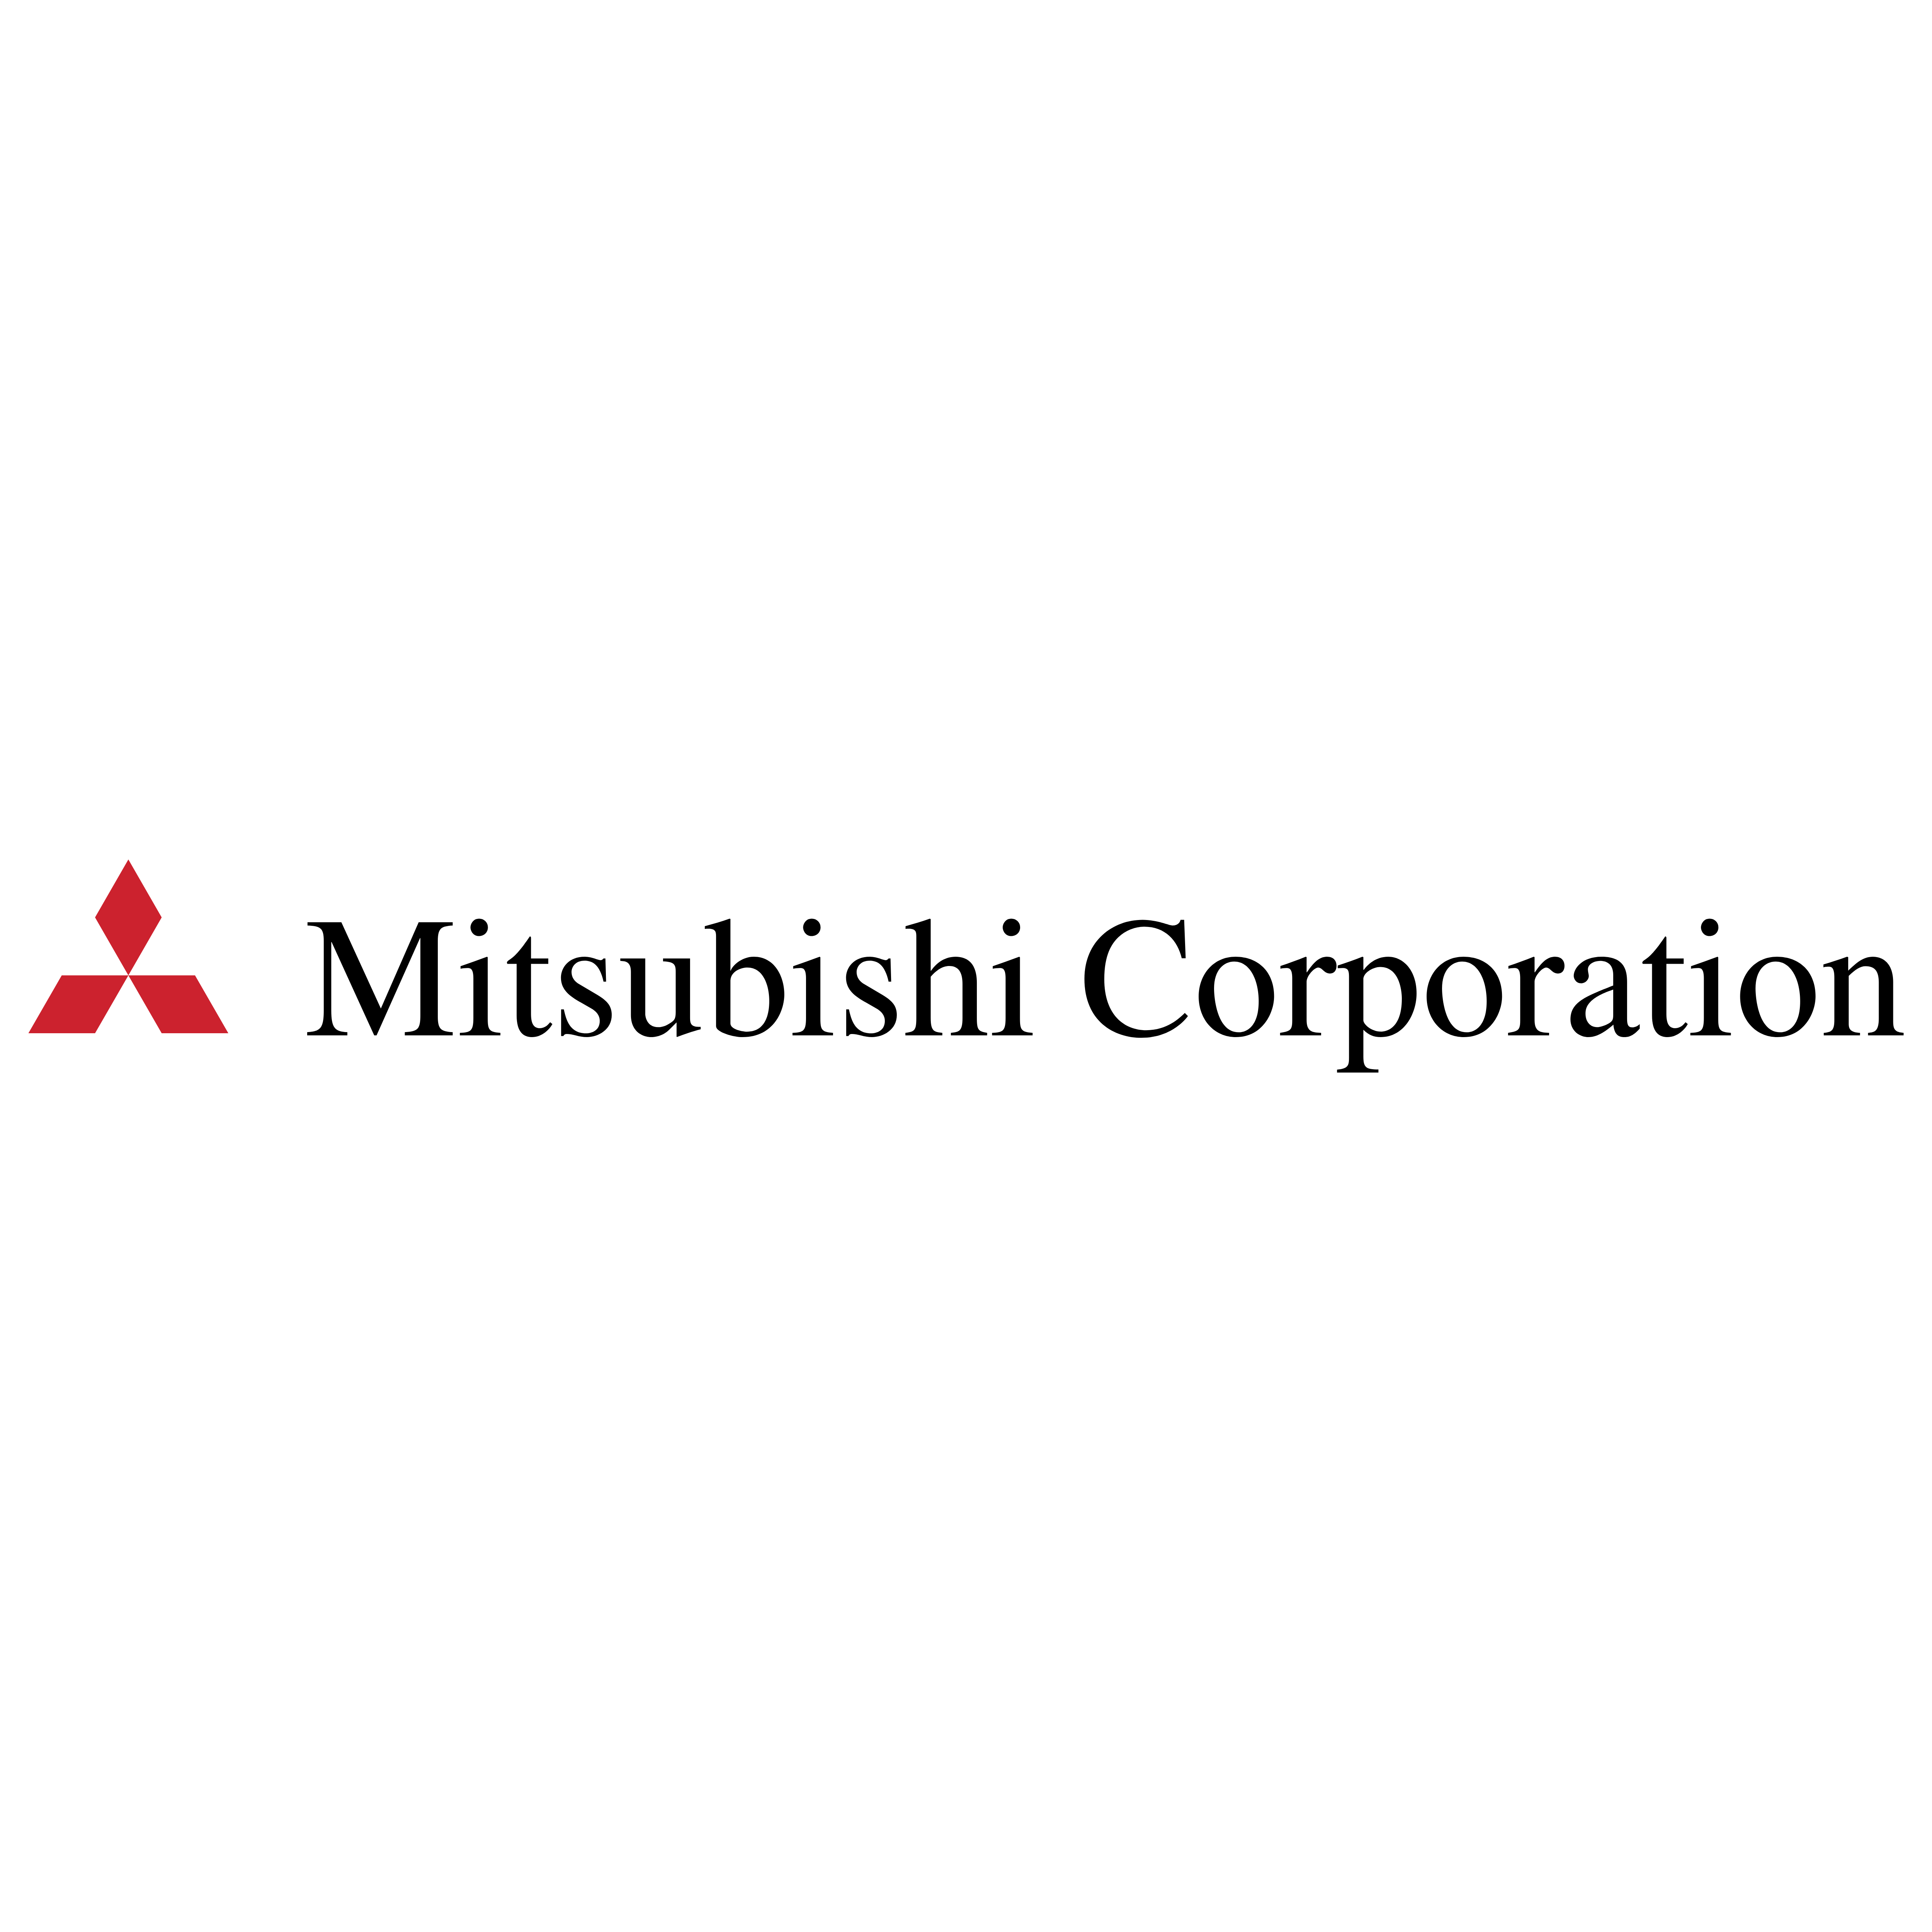 Mitsubishi – Logos Download